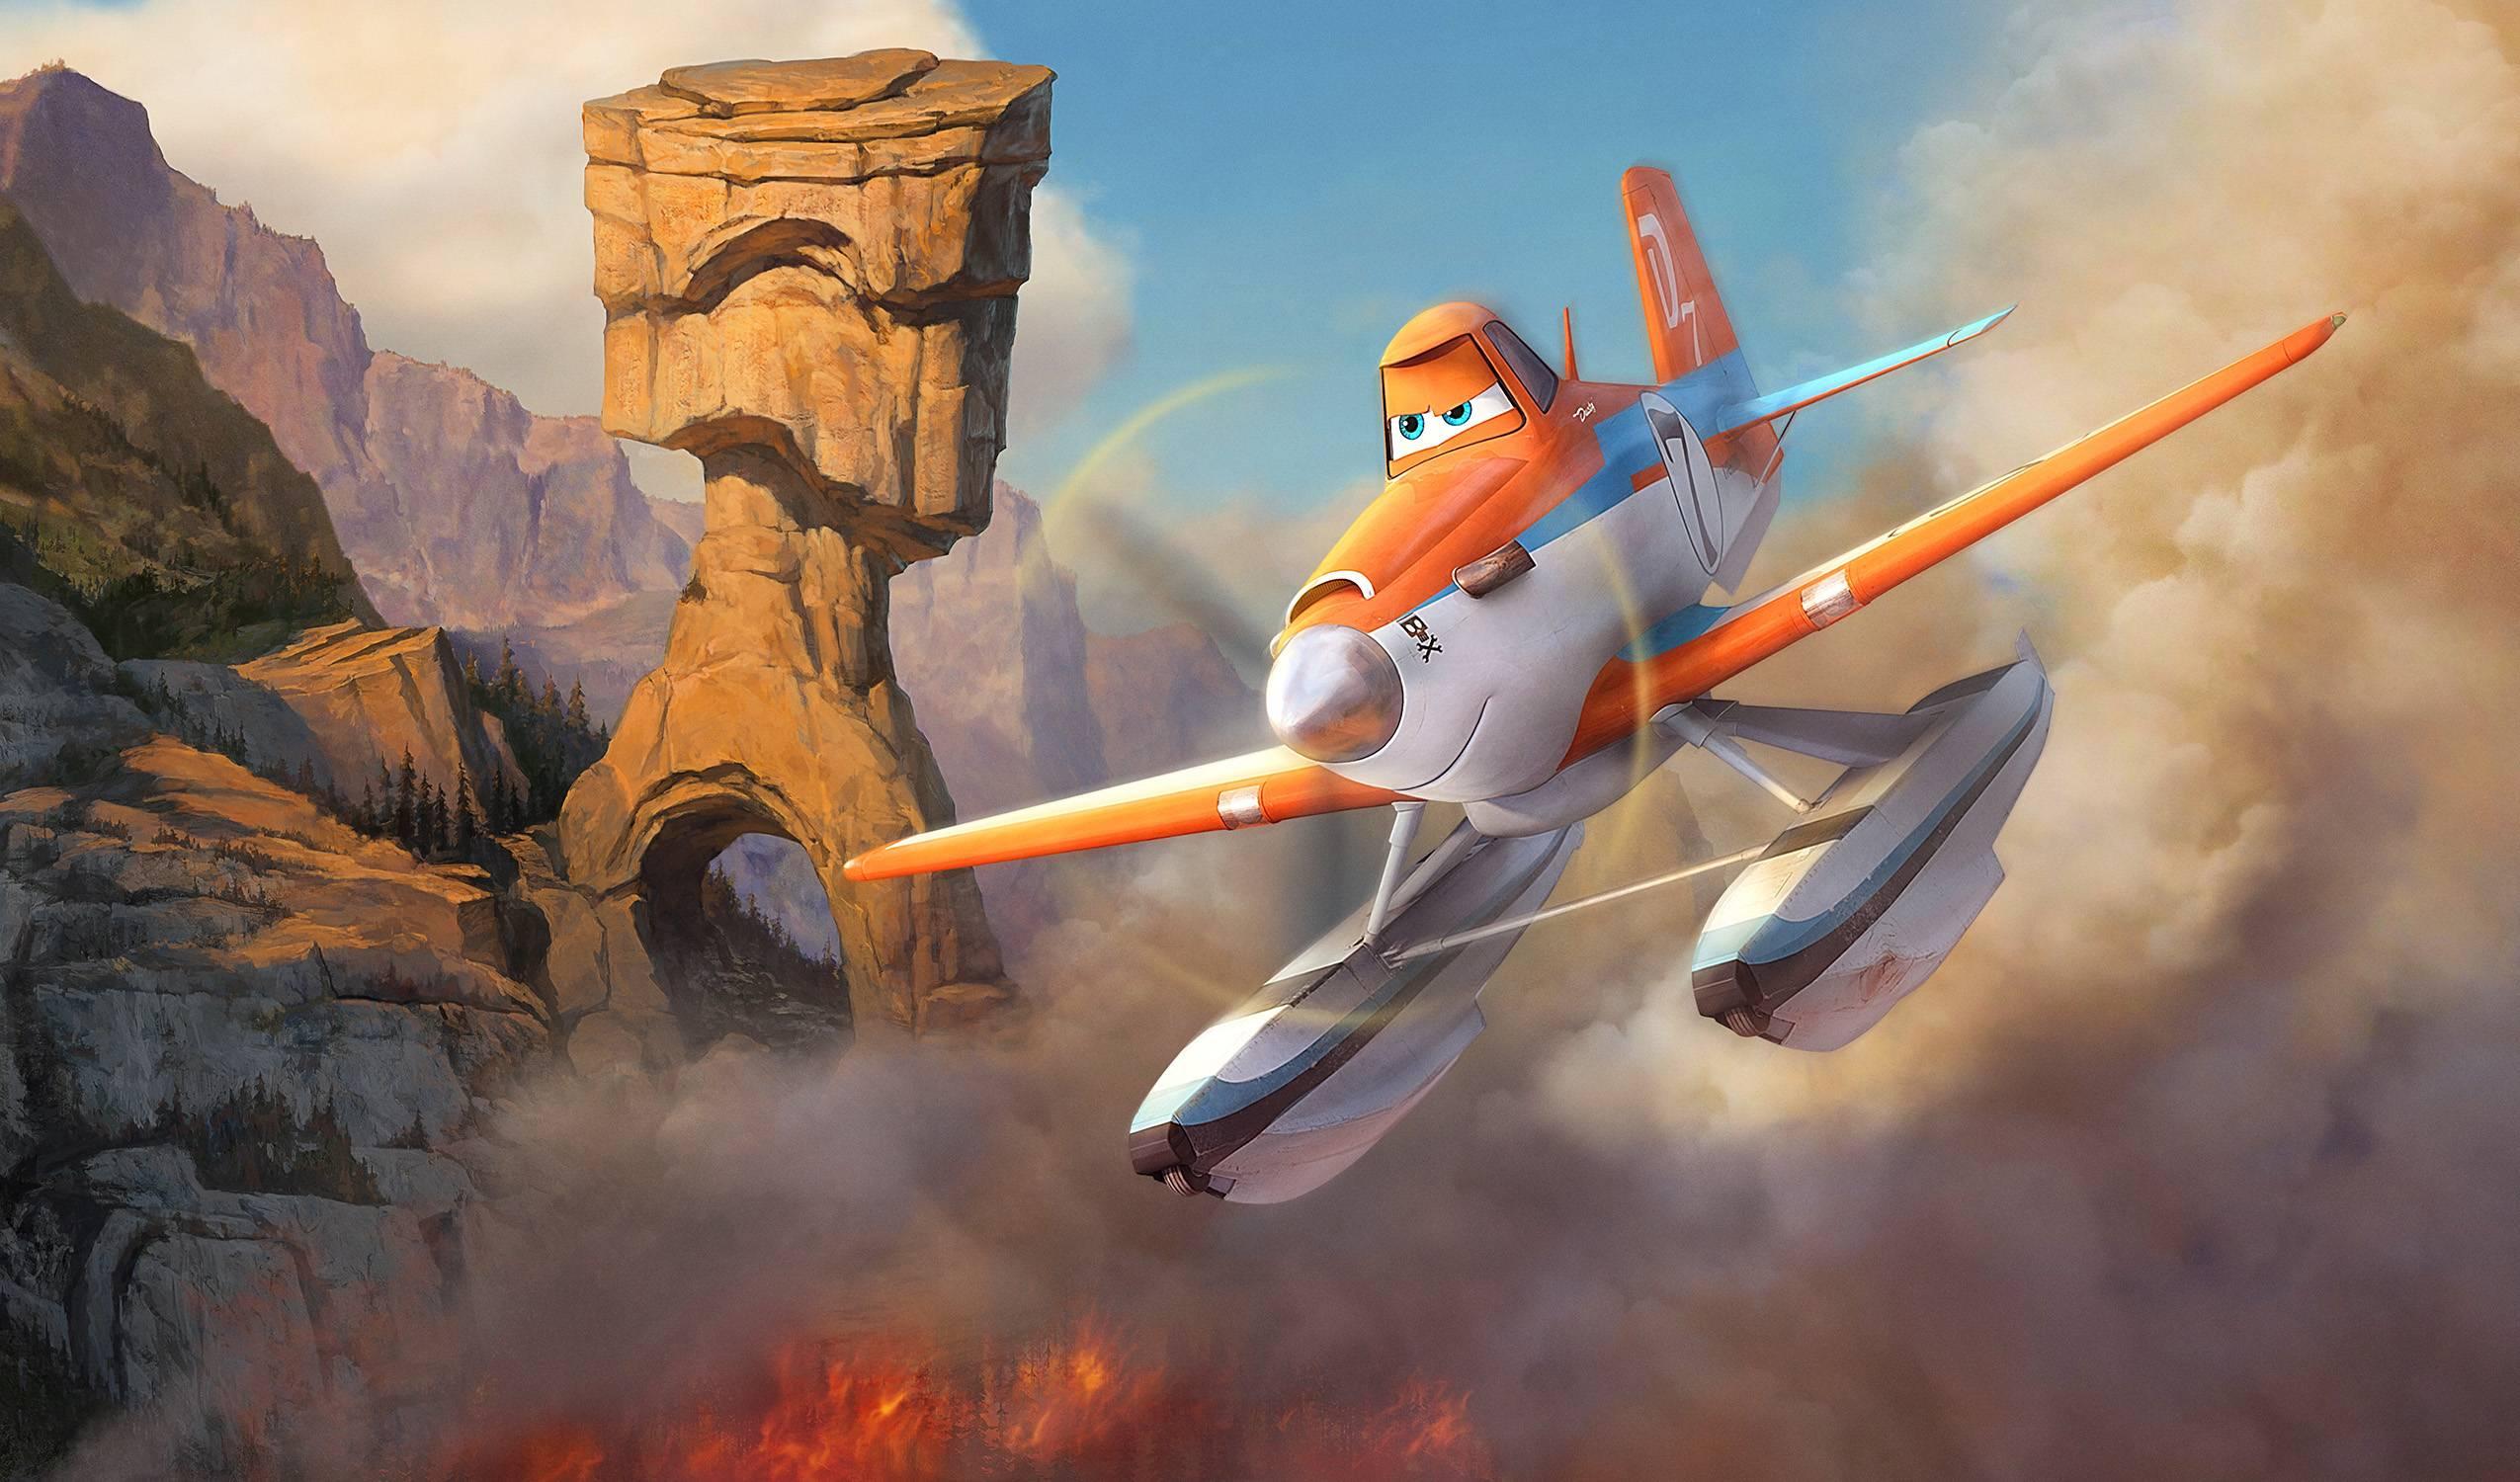 Самолеты: Огонь и вода, мультфильм, комедия